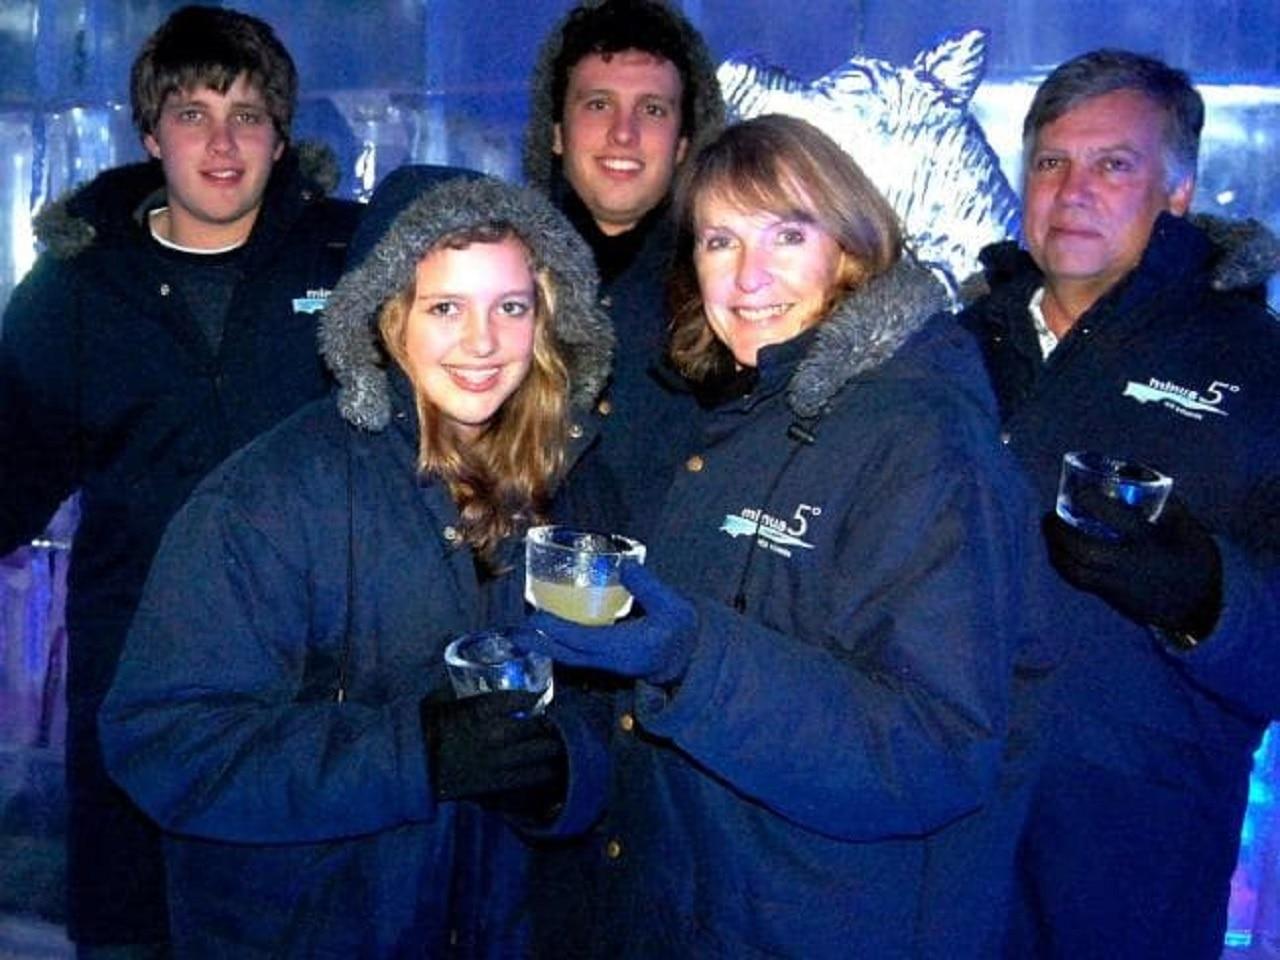 From left: Henri van Breda, Marli van Breda, Rudi van Breda and their parents Teresa and Martin van Breda. Picture: Facebook